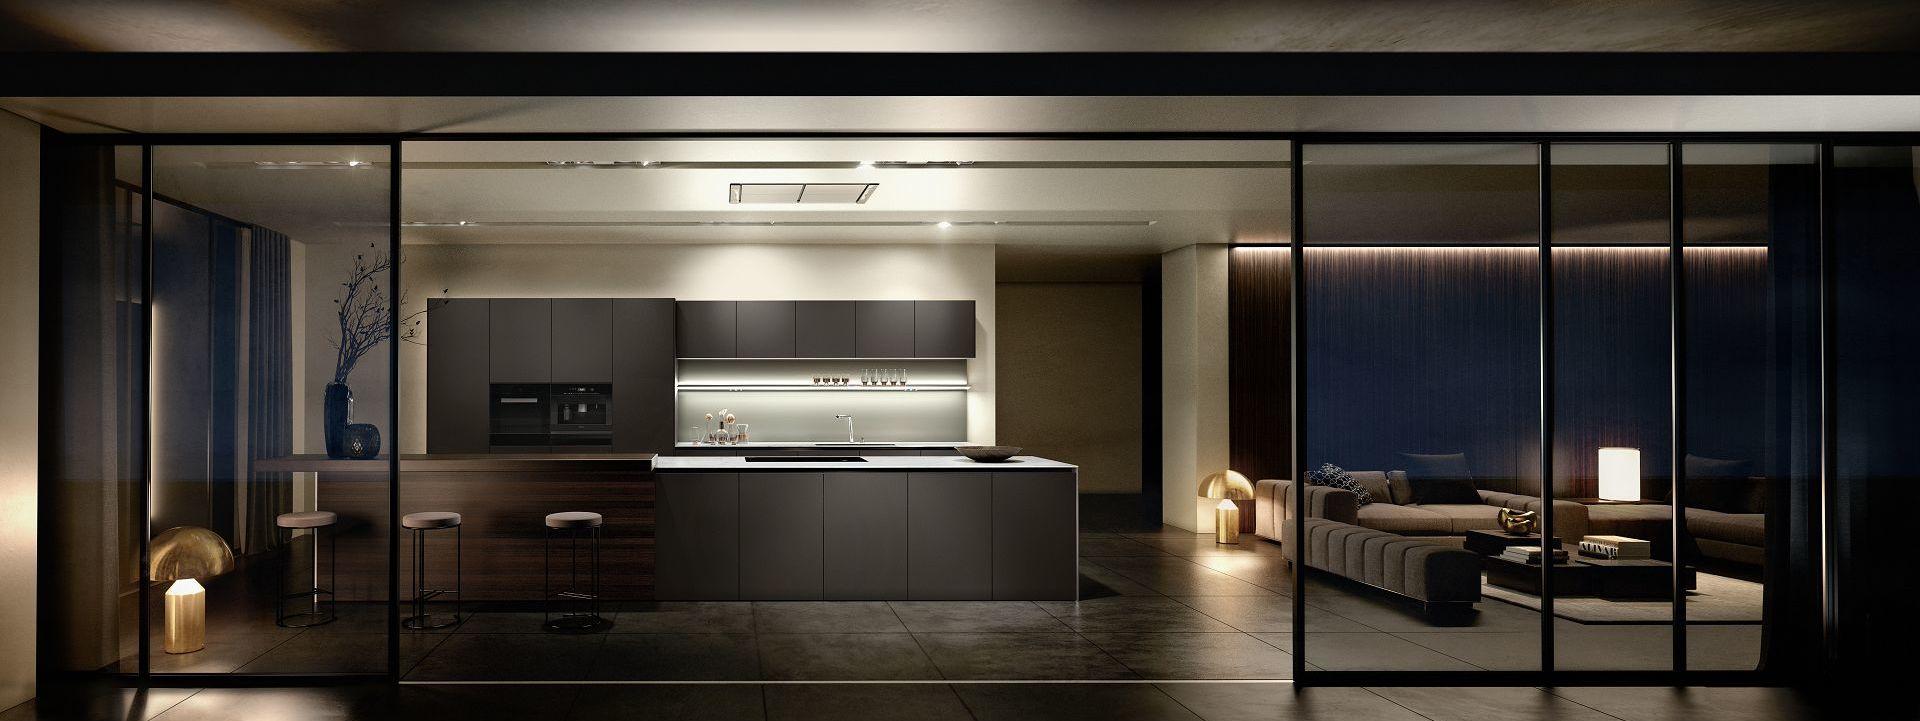 Il design delle cucine SieMatic: eleganza senza tempo, made in Germany